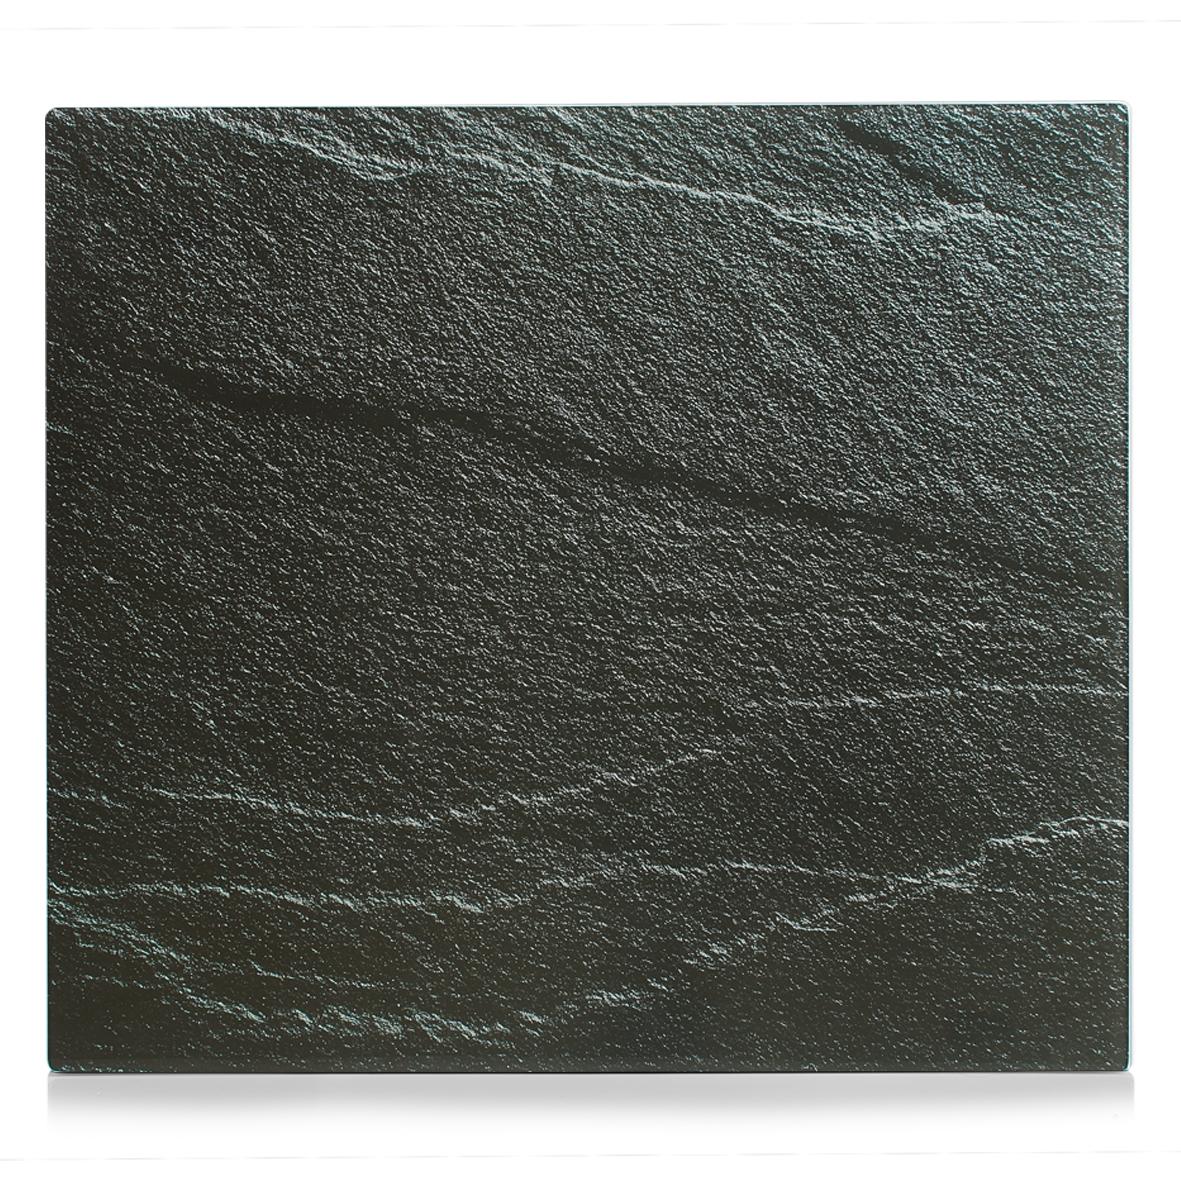 Placa din sticla protectie perete/plita, Anthracite Slate, L56xl50 cm poza